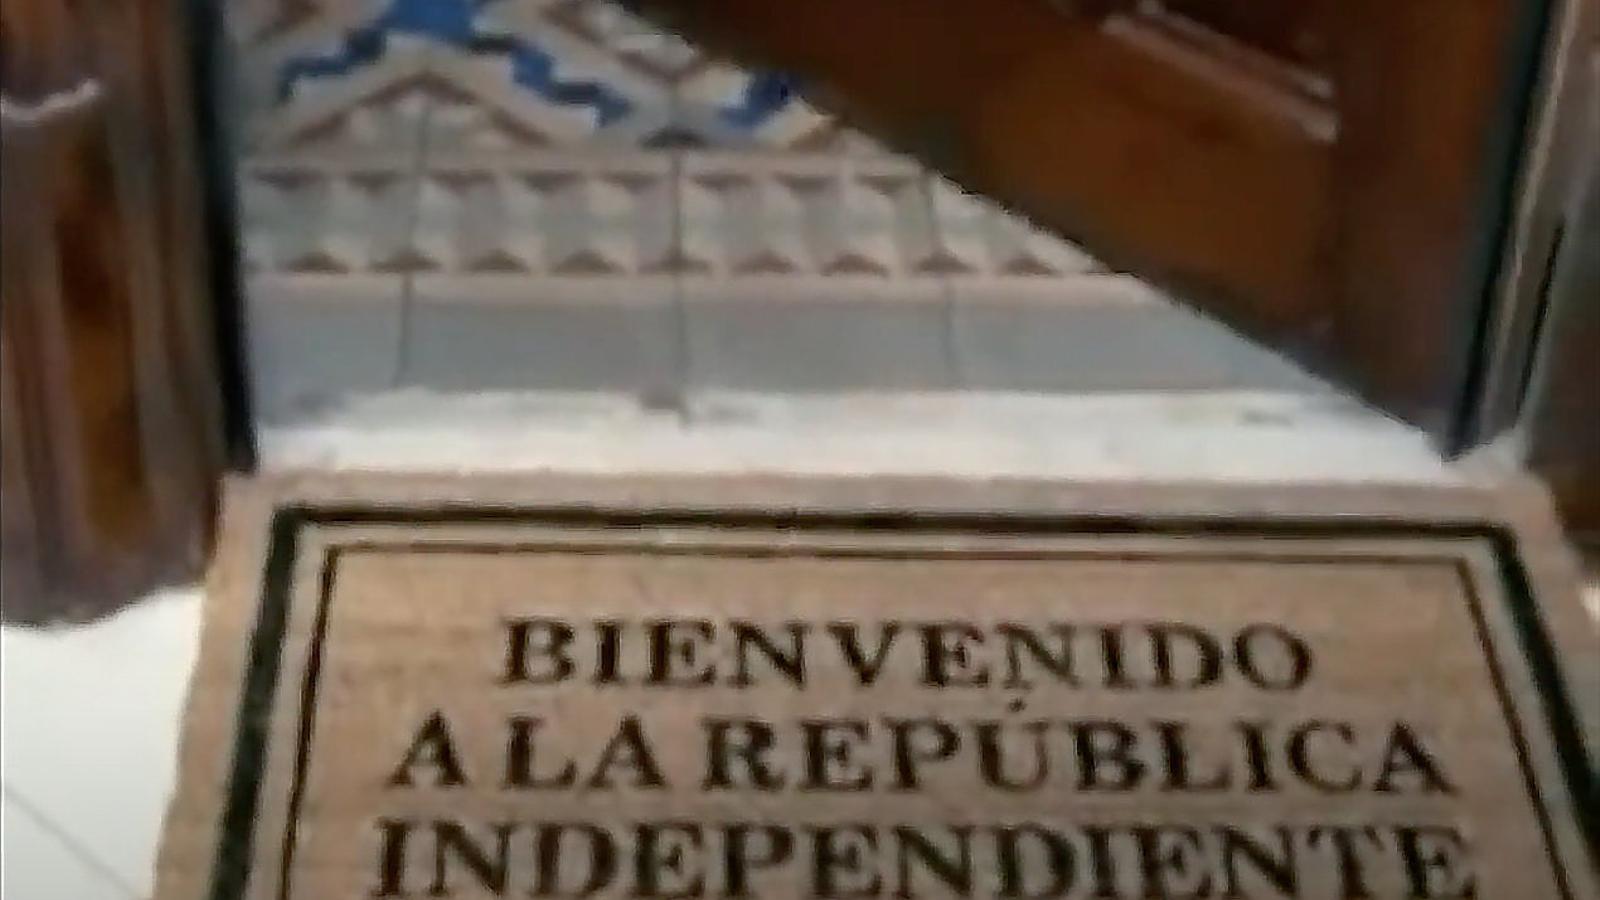 Els anuncis De la nostra vida La república independent sense fi